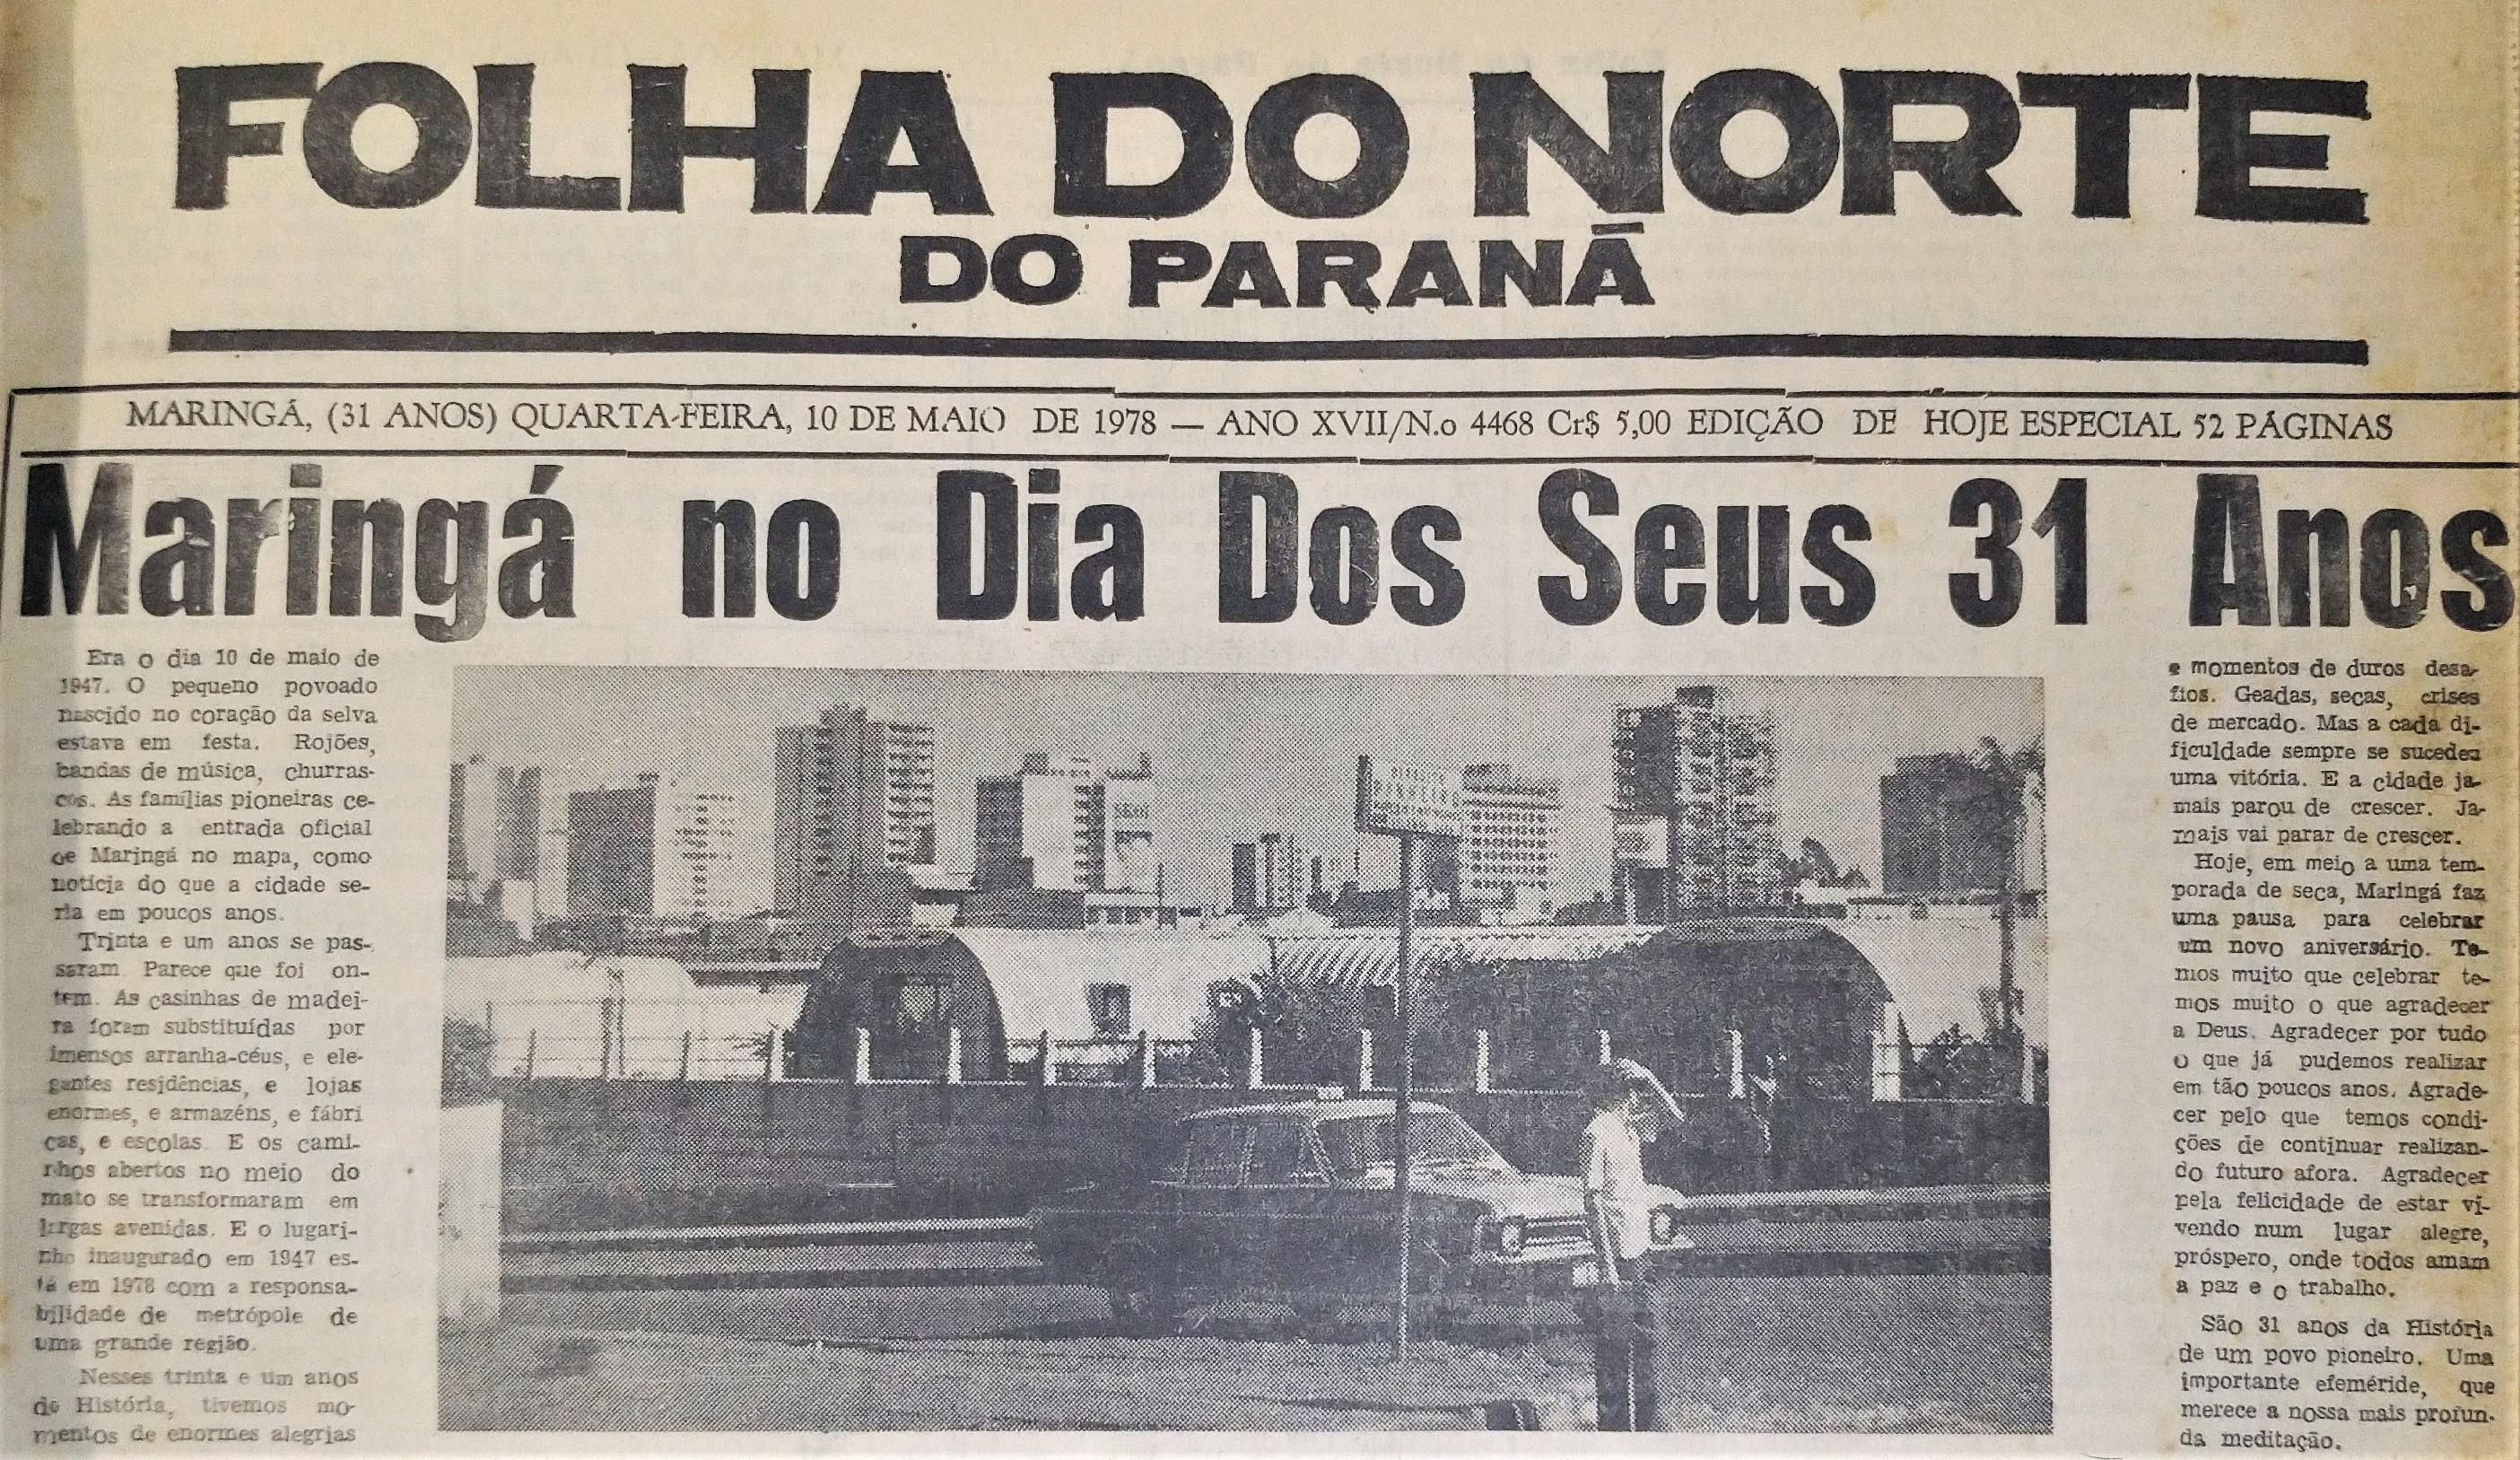 Maringá no dia de seus 31 anos - 1978